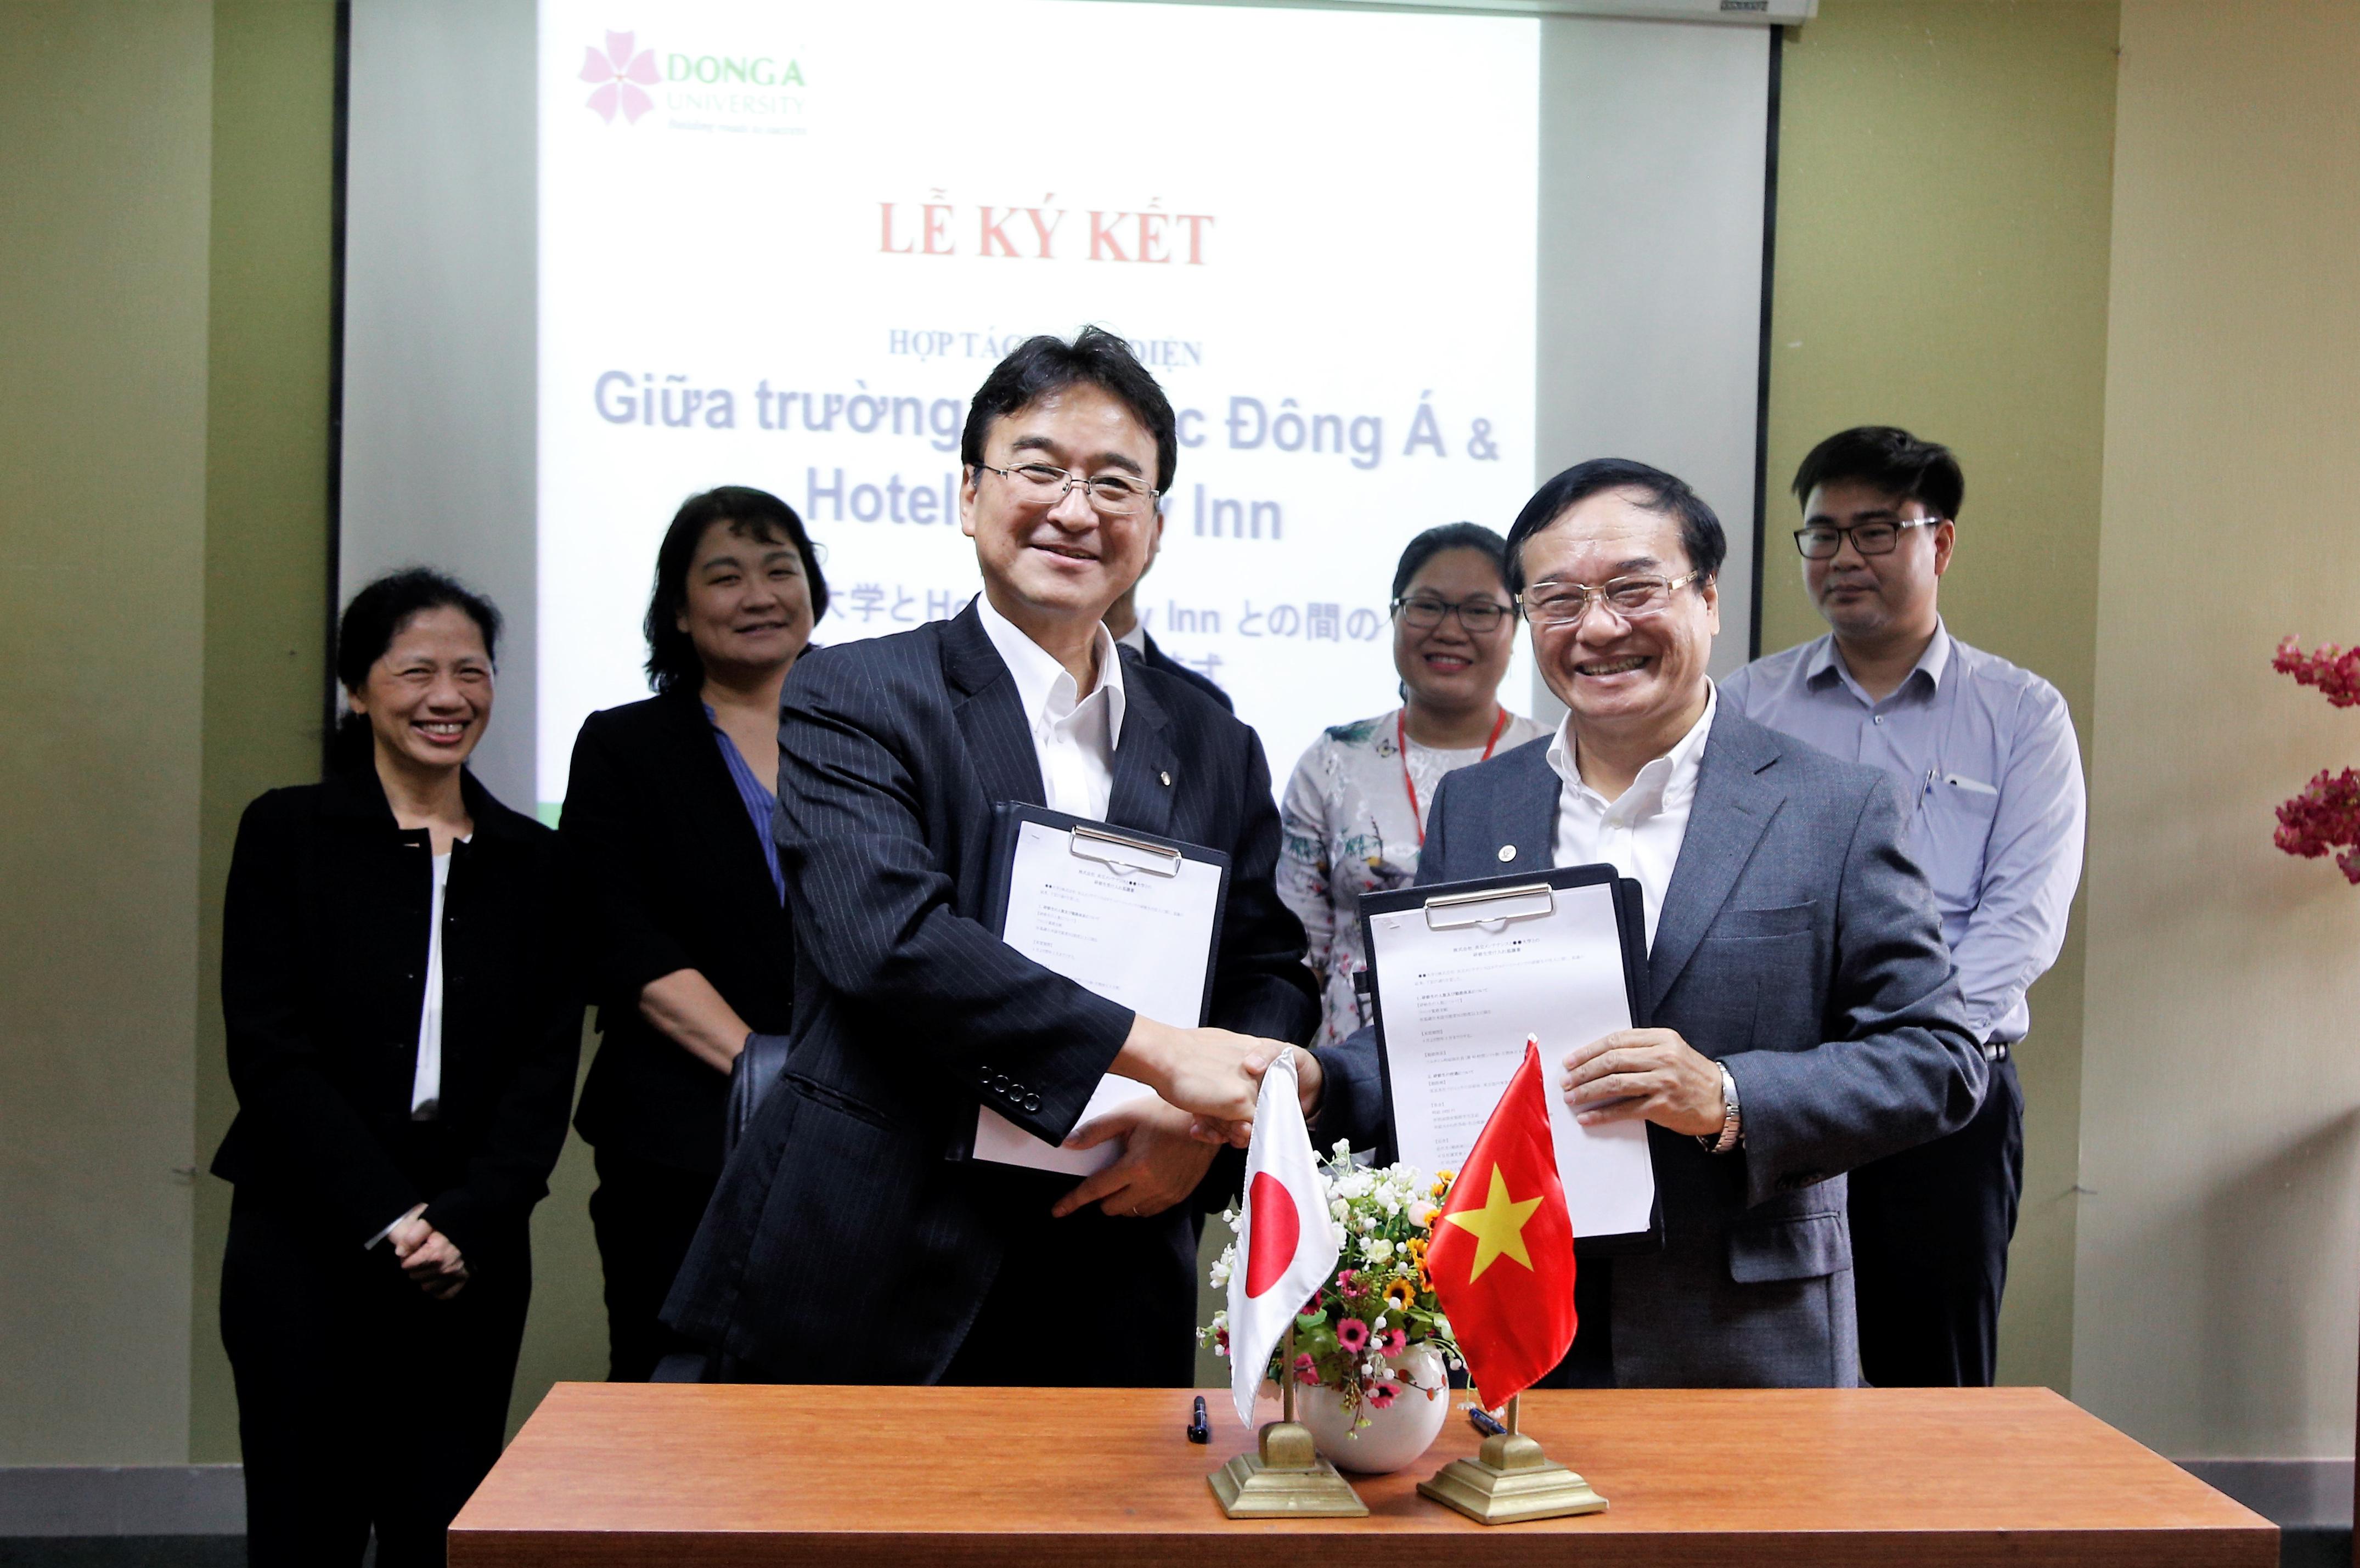 ĐH Đông Á tạo dựng cơ hội cuộc đời cho sinh viên  - Ảnh 3